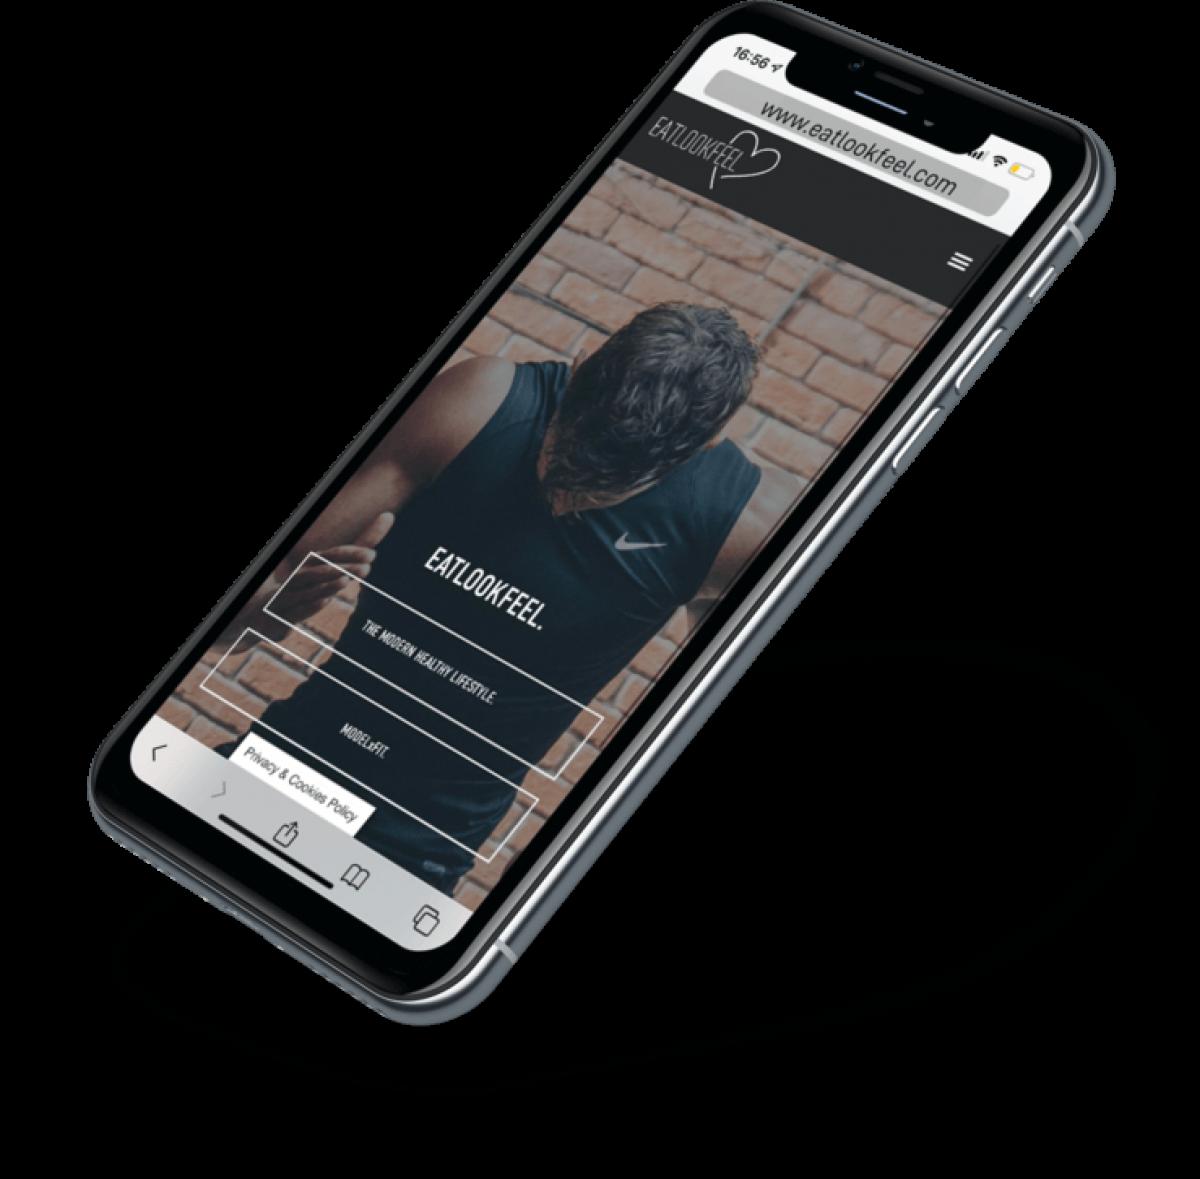 iPhoneMockup-005 copy02 (1)